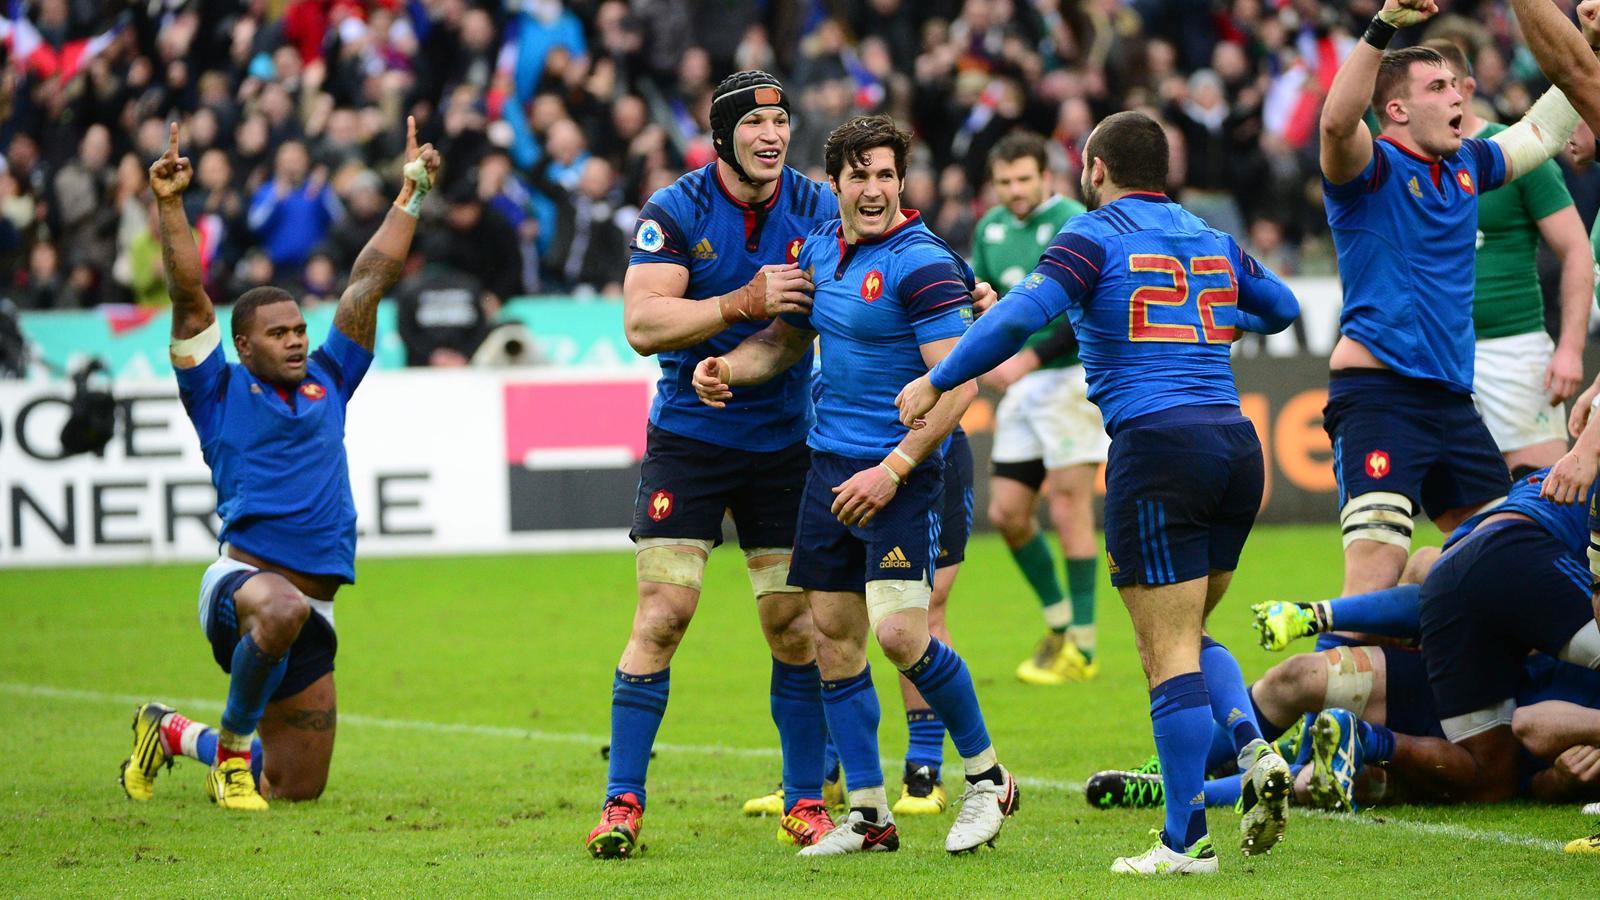 Tournoi des 6 nations france irlande une victoire l 39 arrach mais qui fait un bien fou 10 9 - Rugby coupe des 6 nations ...